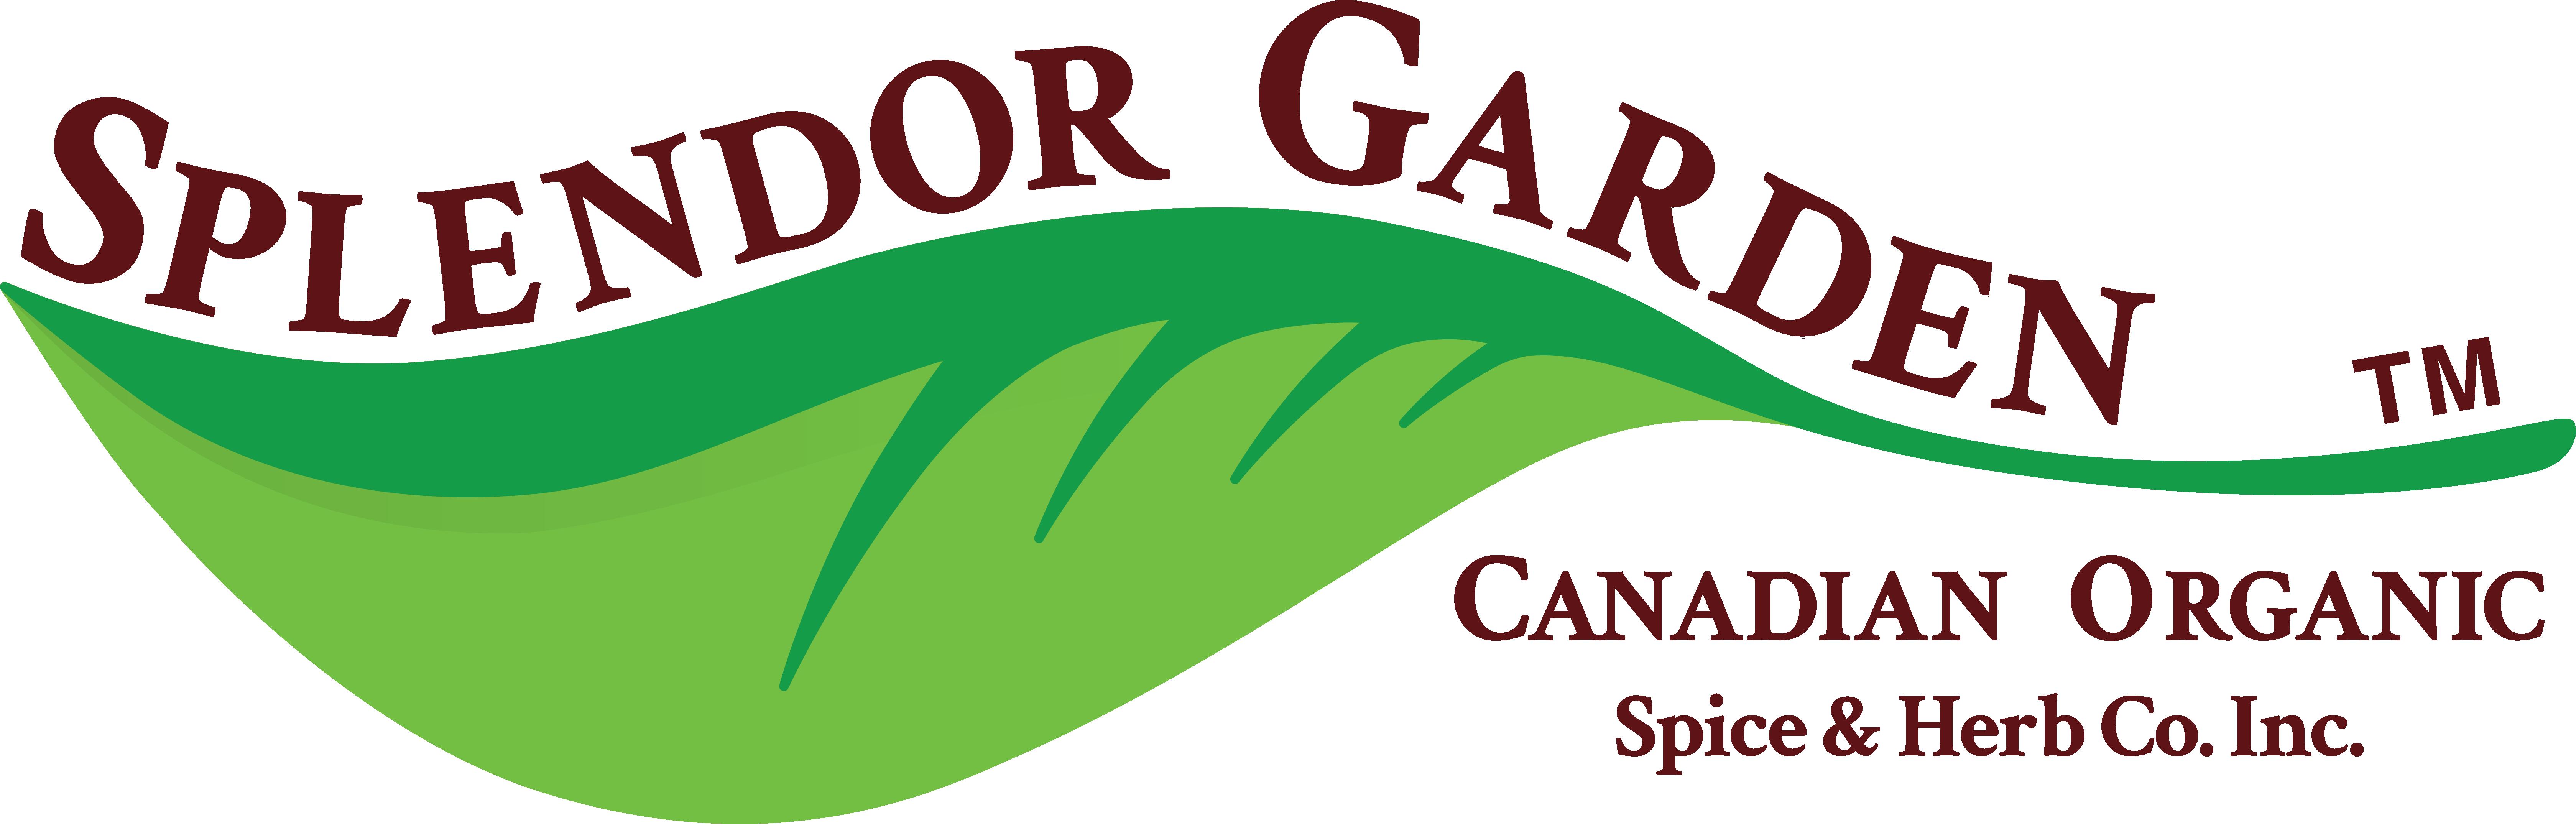 splendor-logo-002